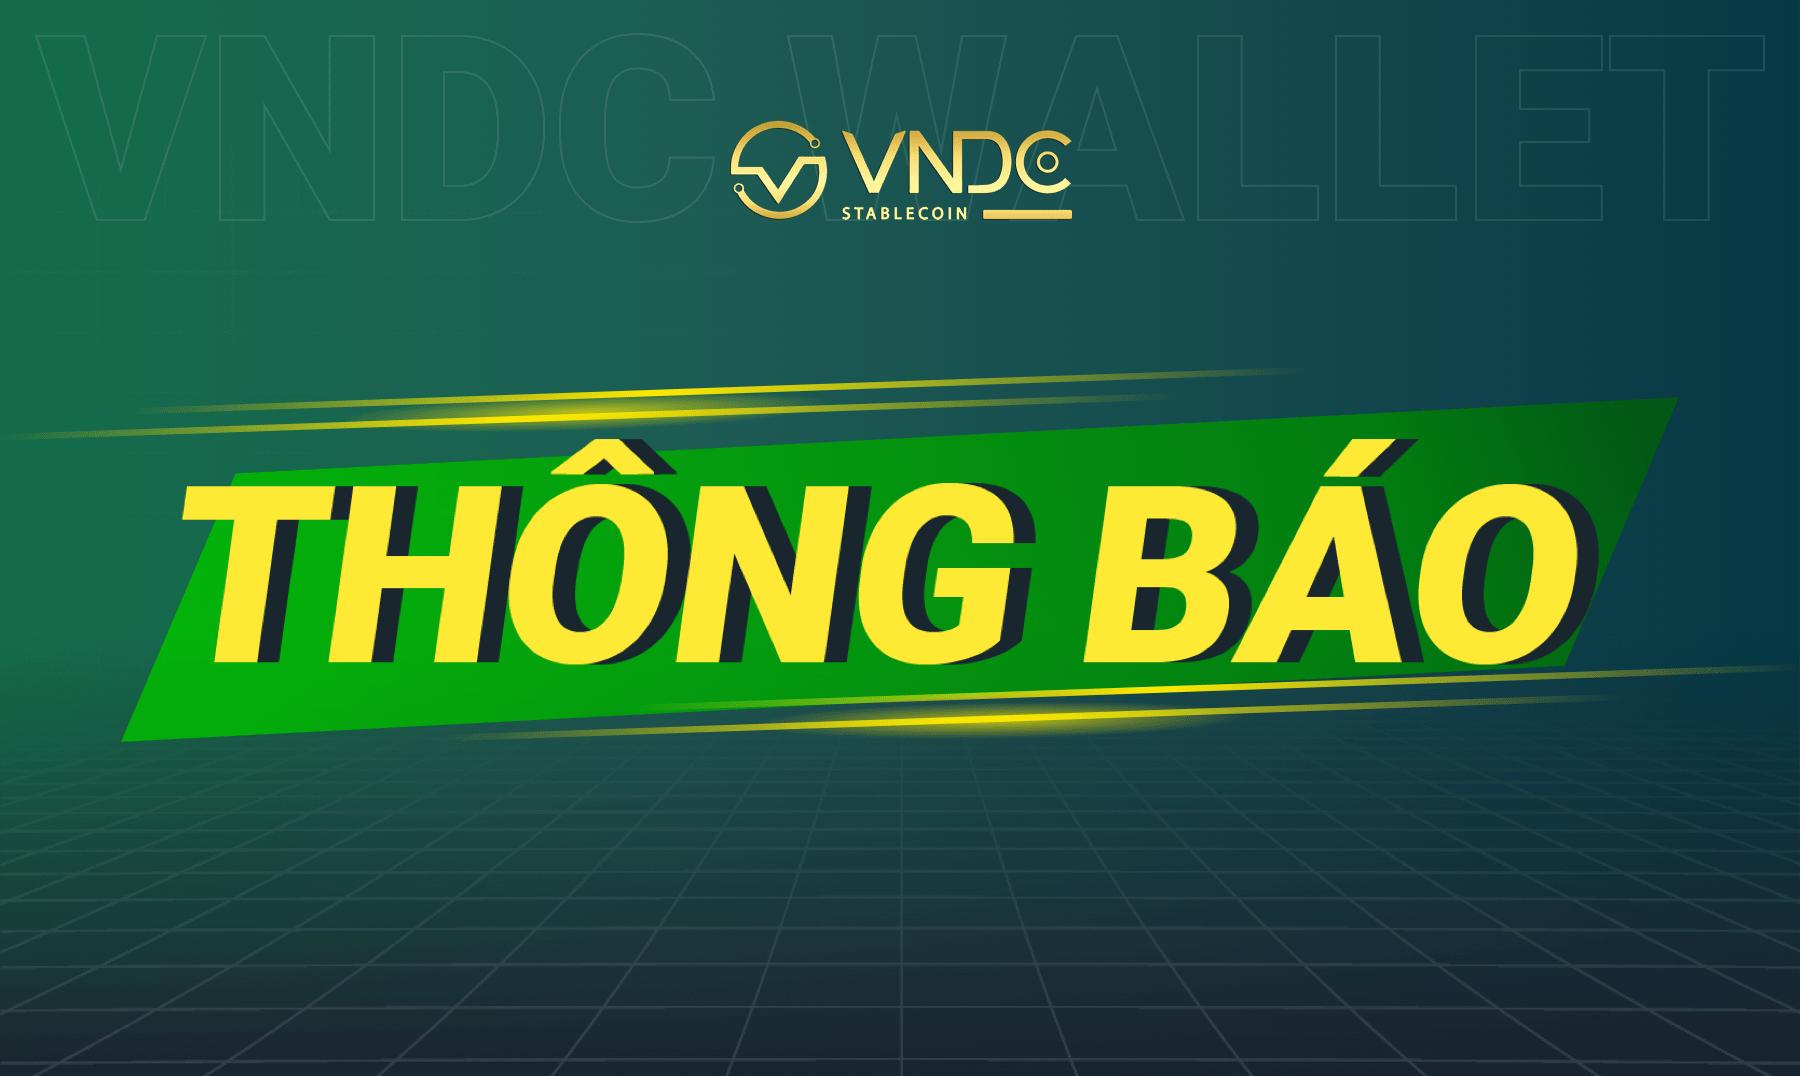 Thông báo: Điều chỉnh yêu cầu xác thực tài khoản (KYC) trên VNDC Wallet